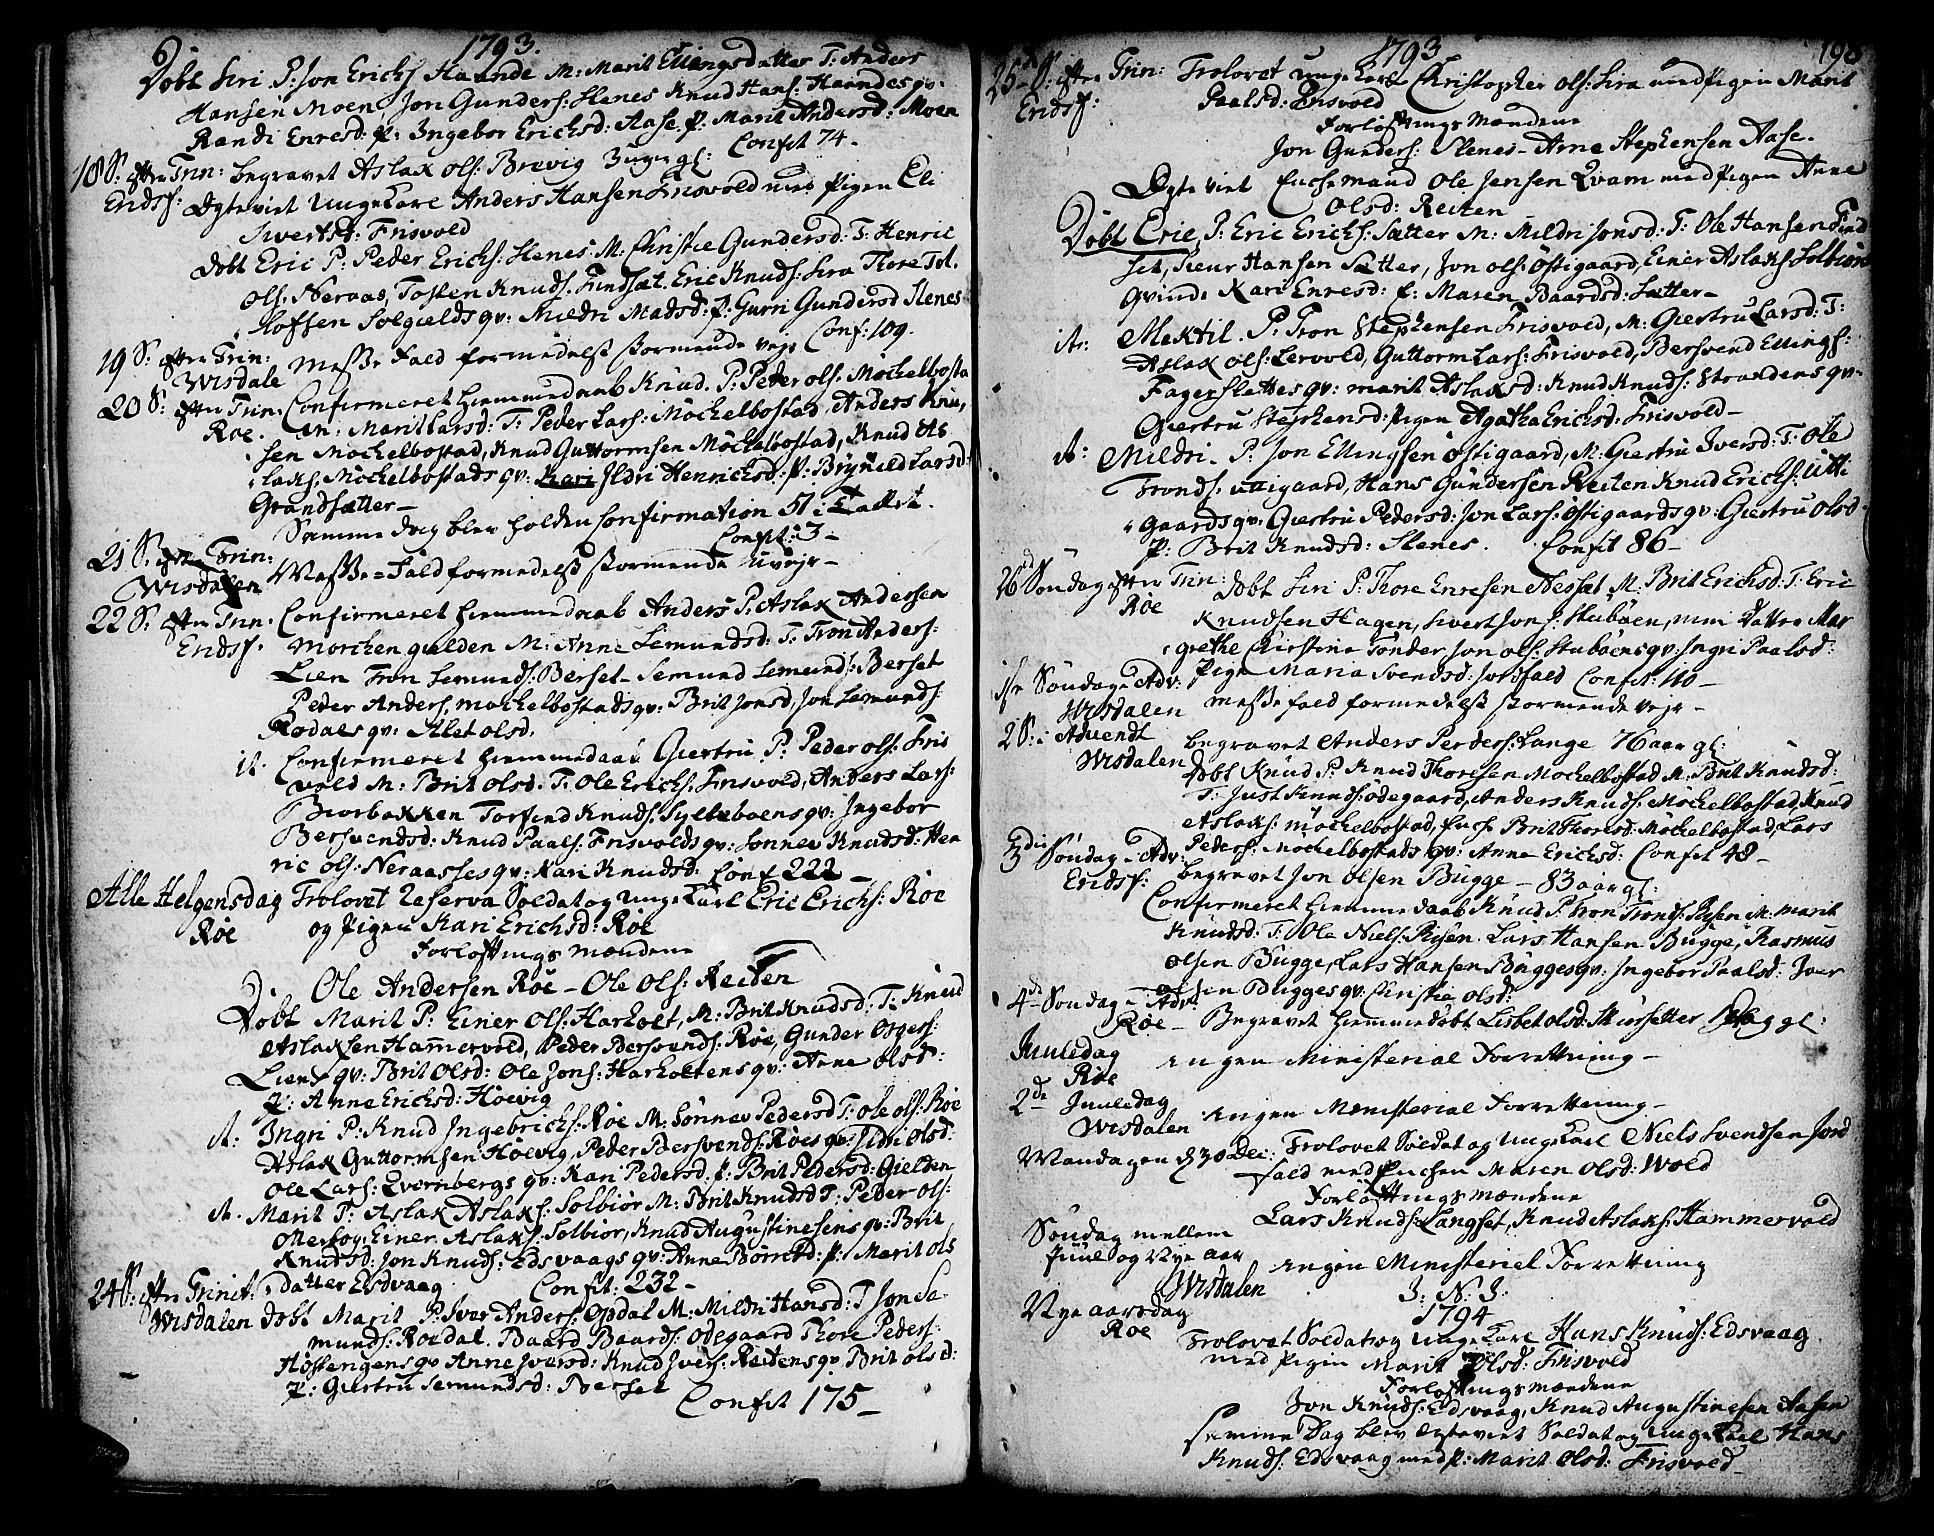 SAT, Ministerialprotokoller, klokkerbøker og fødselsregistre - Møre og Romsdal, 551/L0621: Ministerialbok nr. 551A01, 1757-1803, s. 198